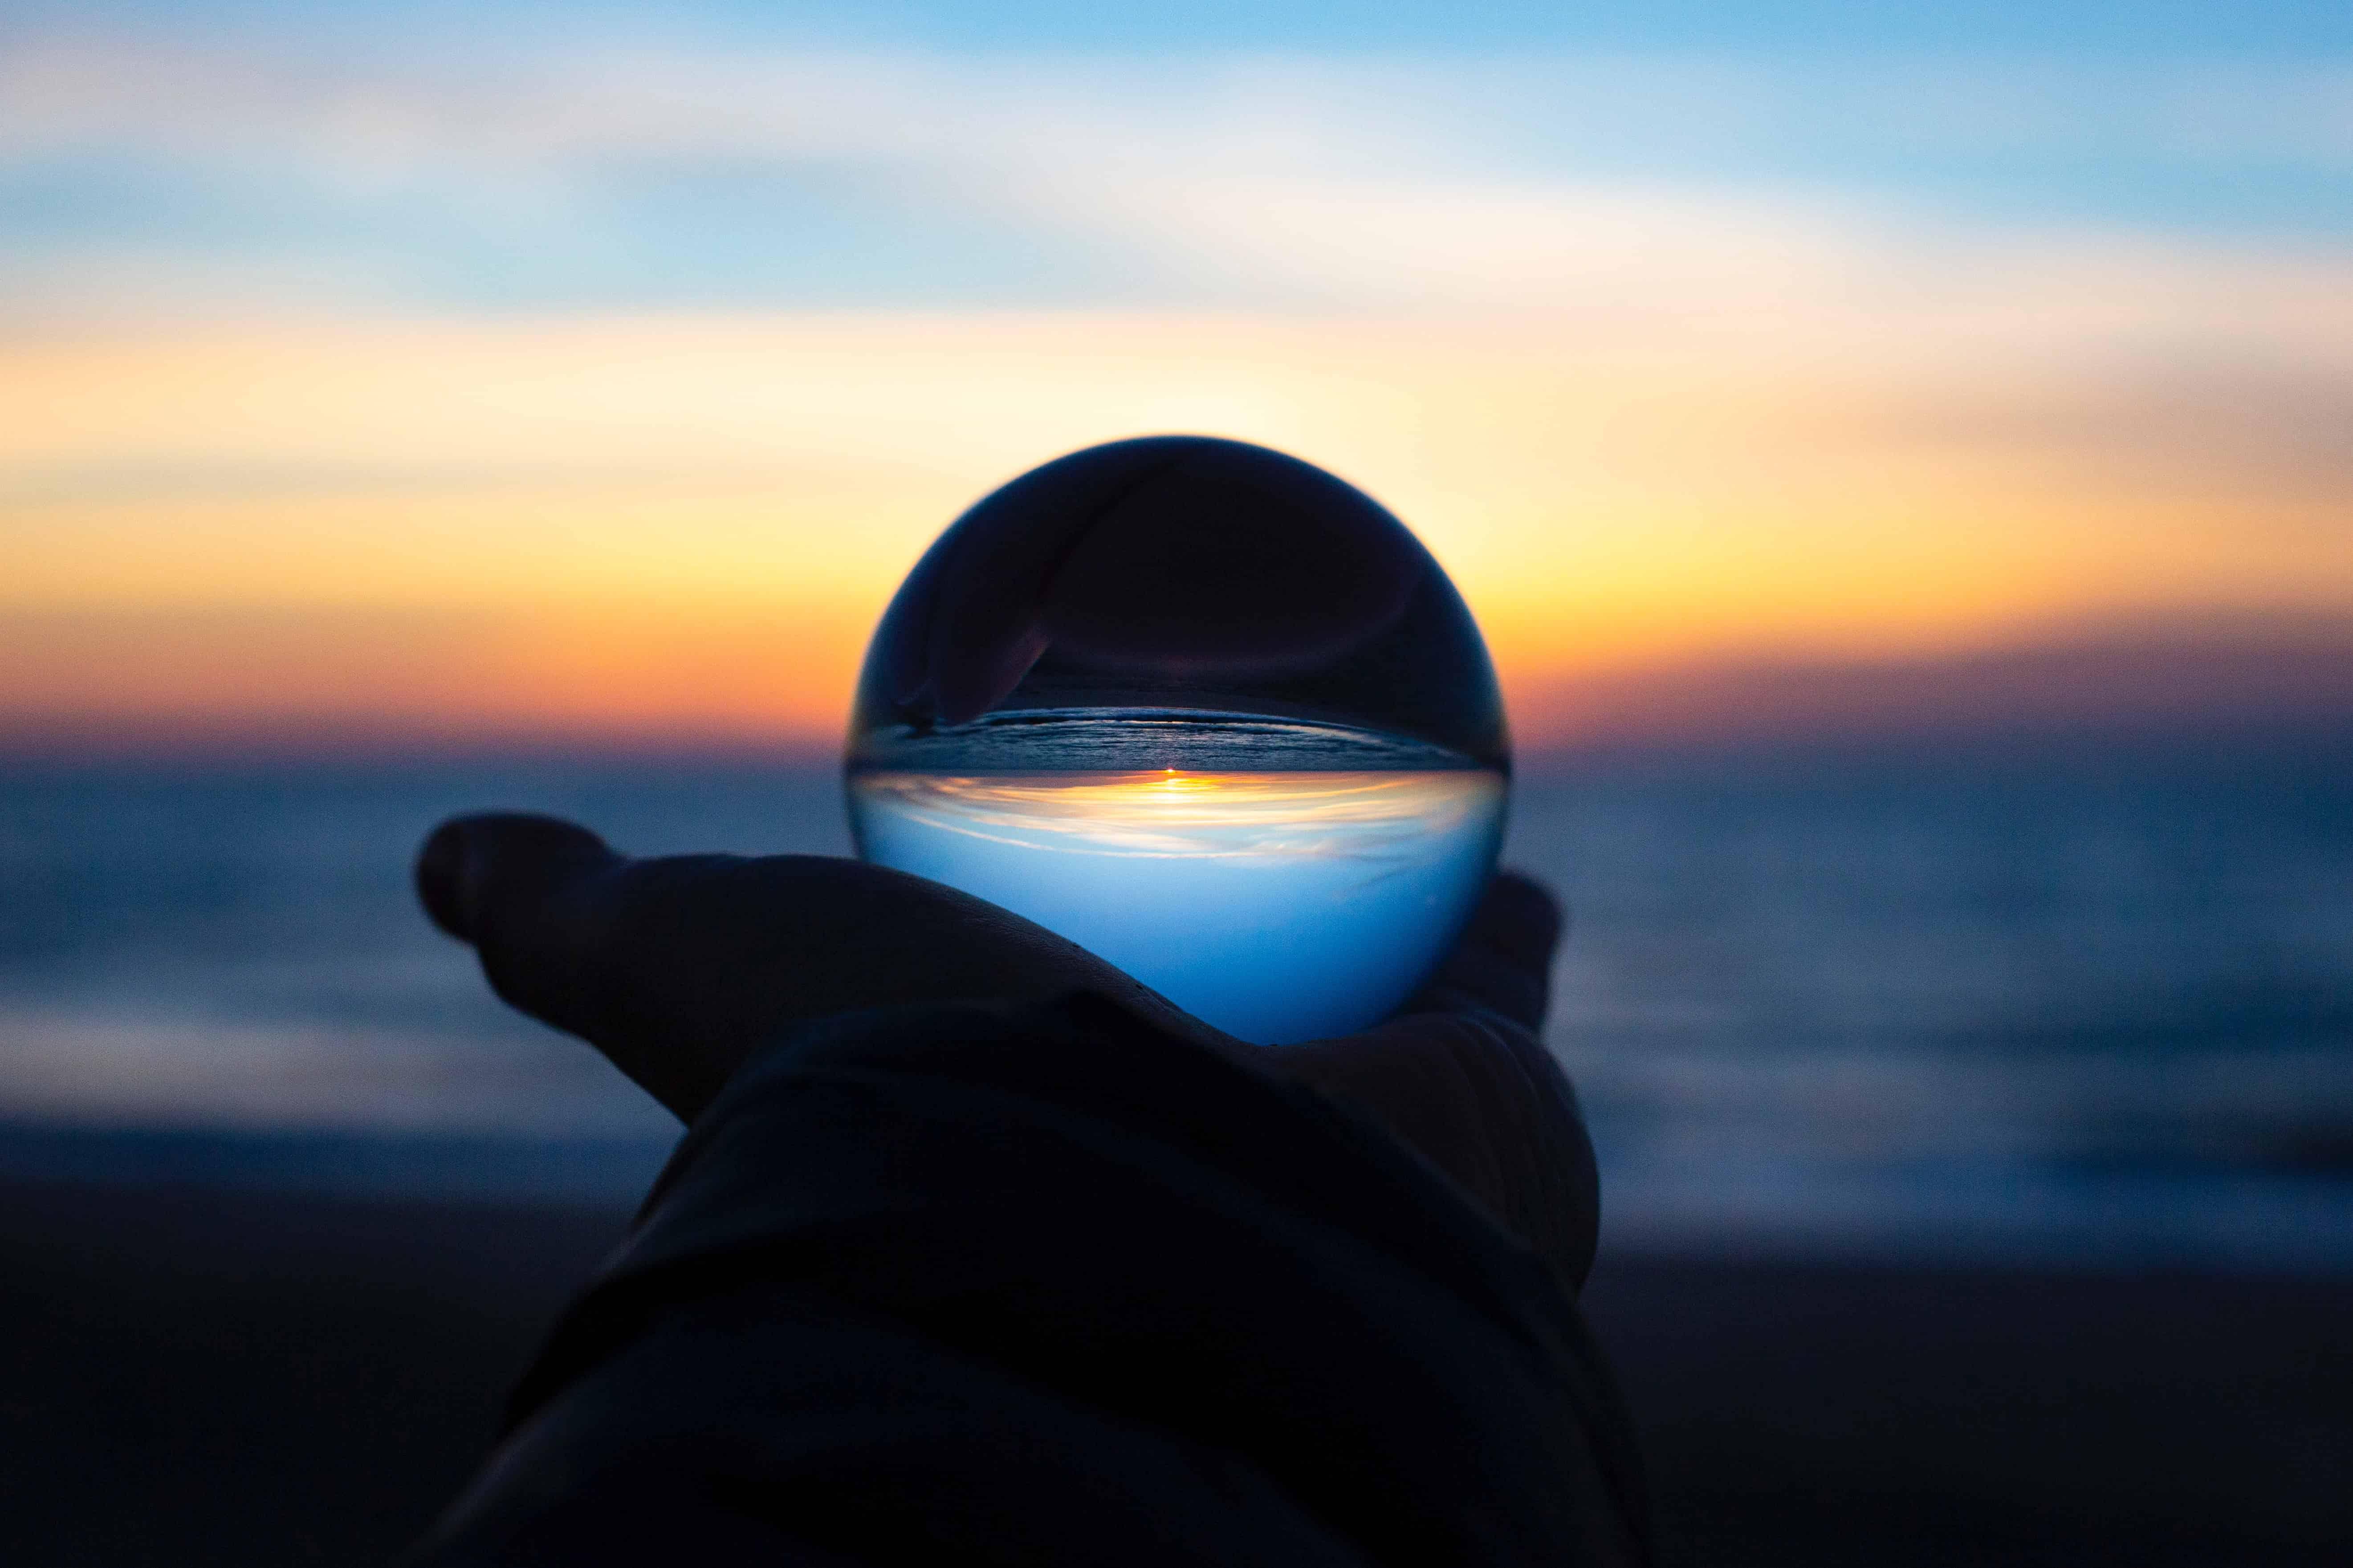 Glass ball and horizon